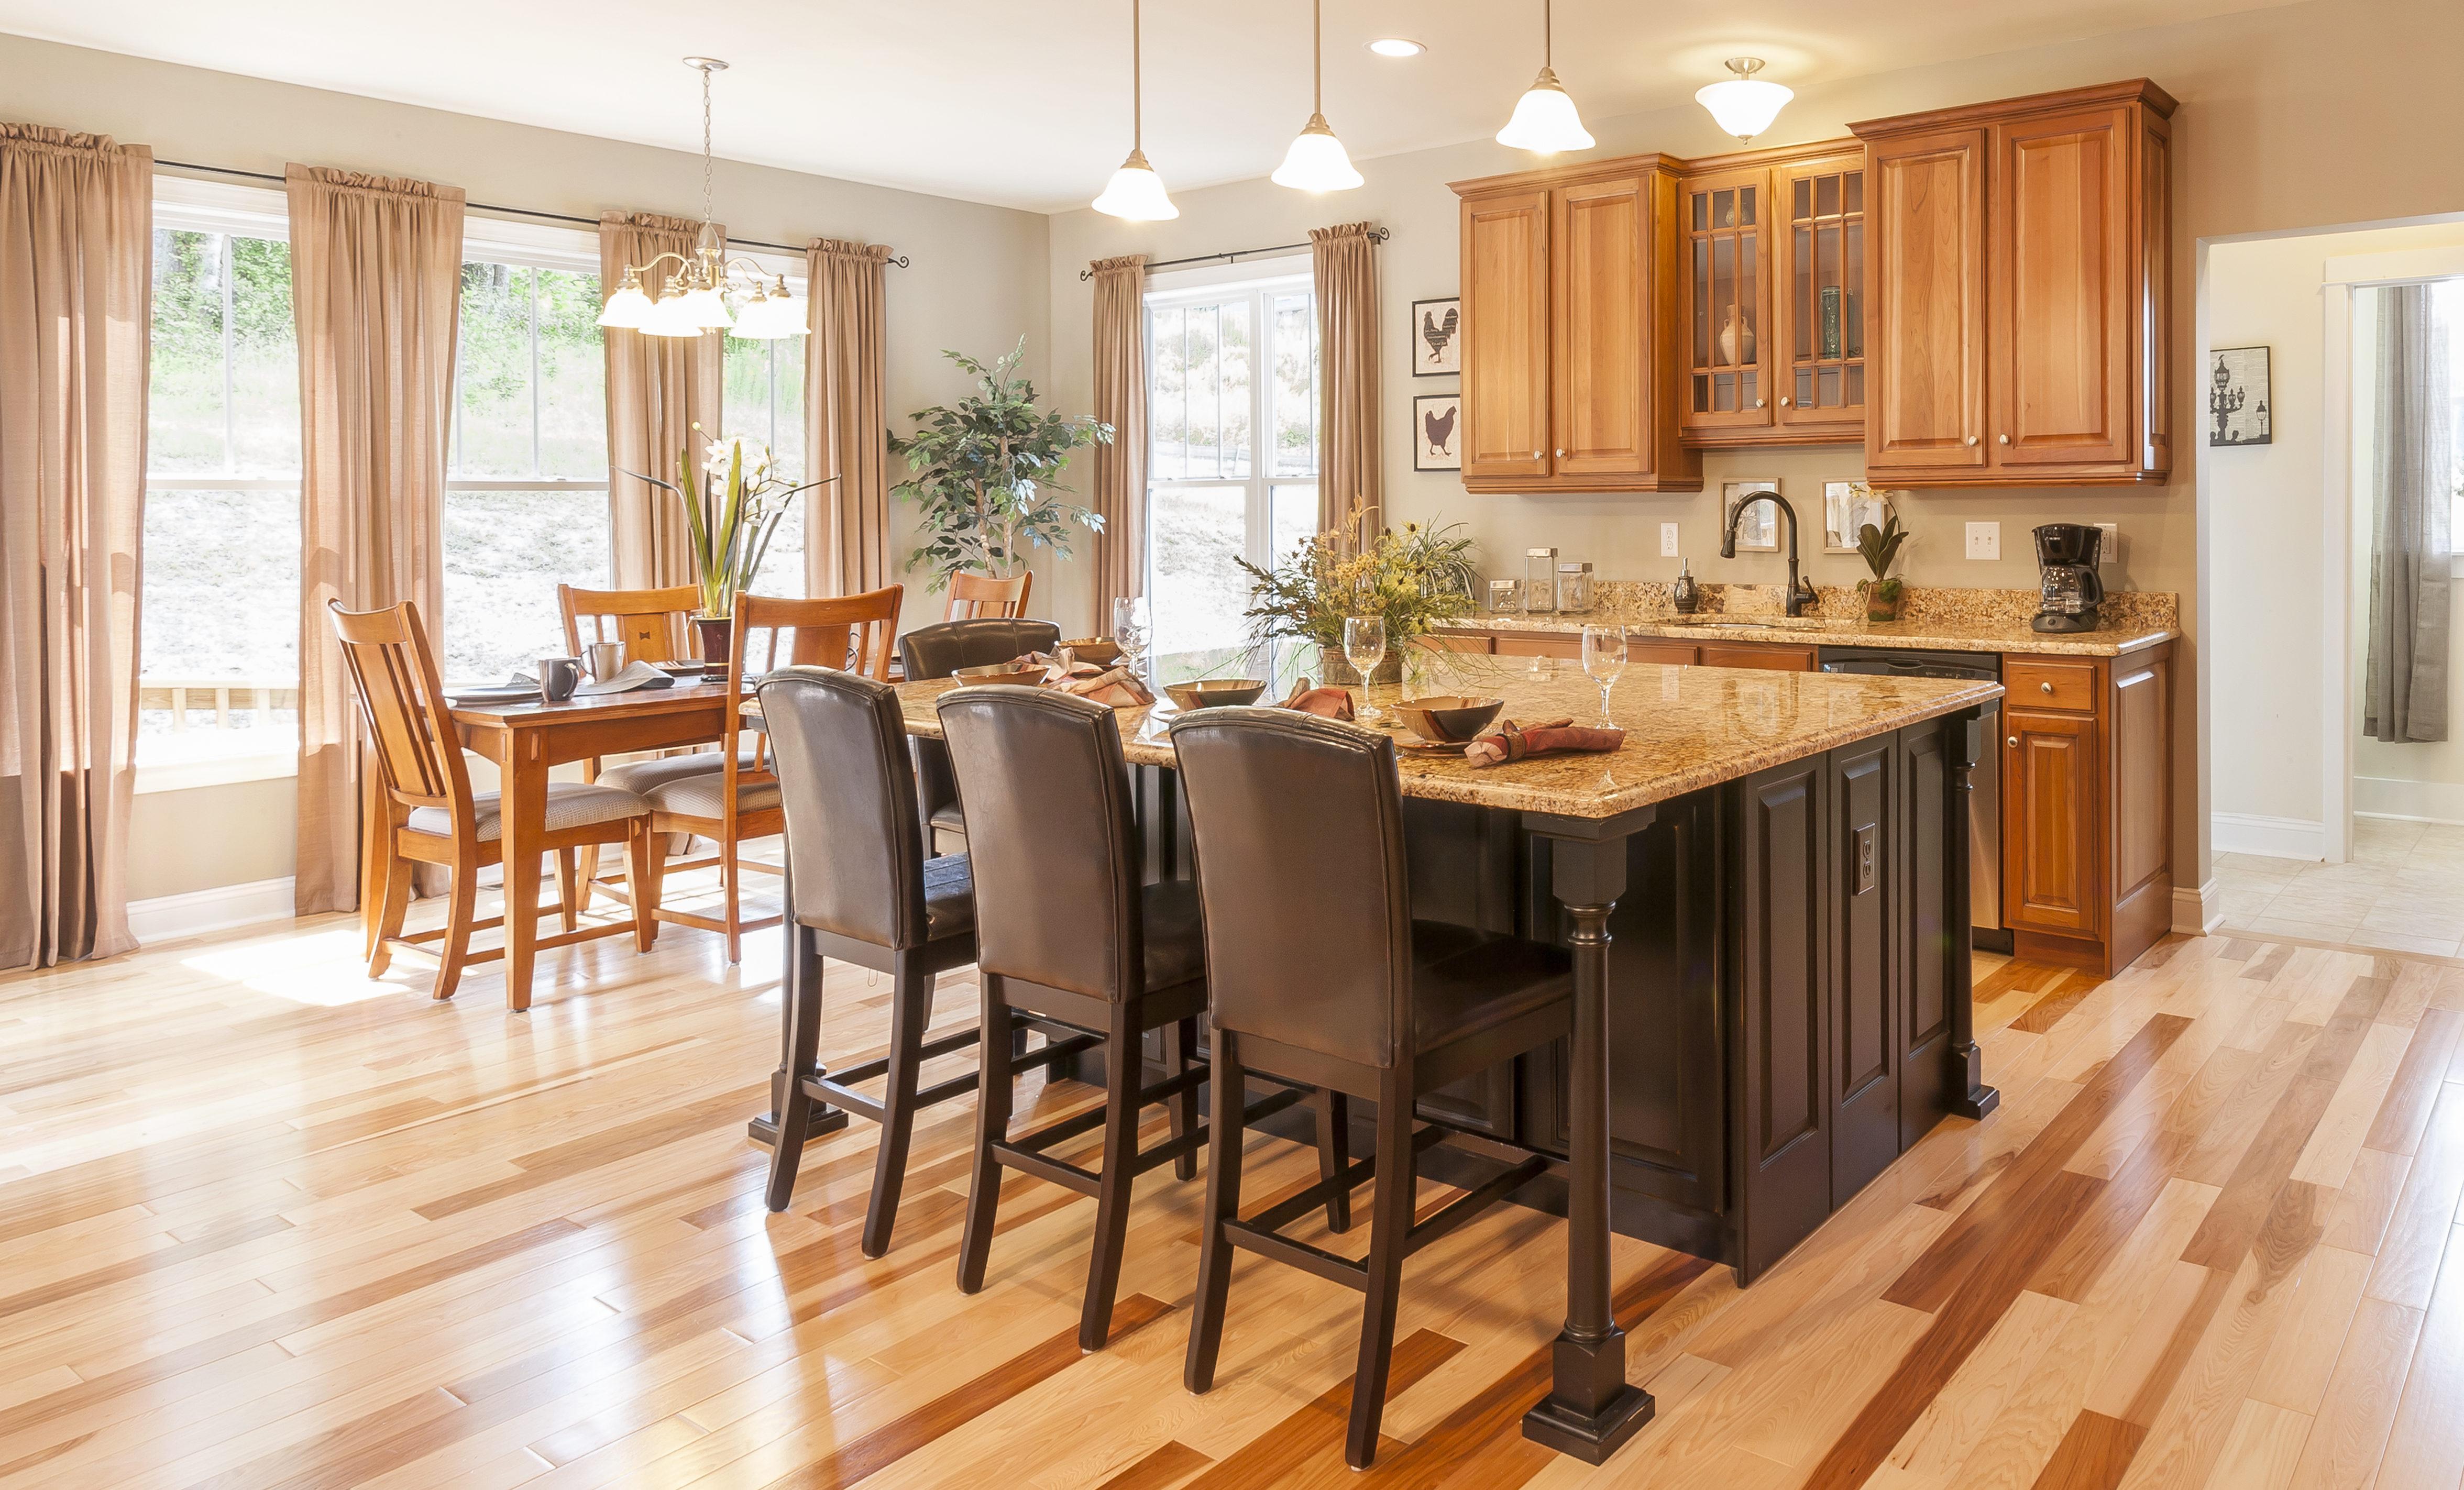 oak cabinetry